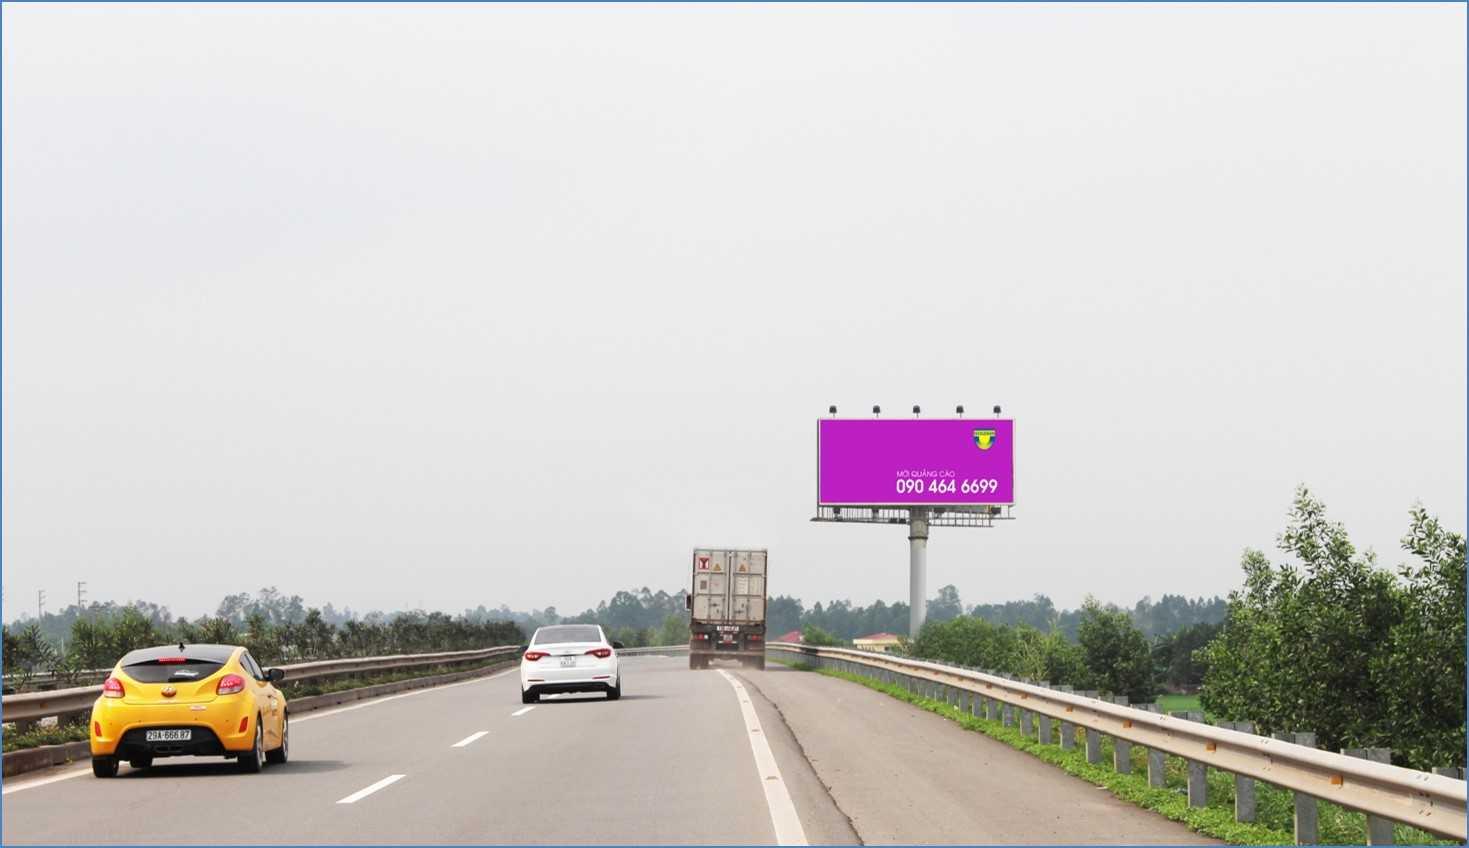 Quảng cáo HNLC 02 , Km11 +270 Cao tốc Hà Nội – Lào Cai